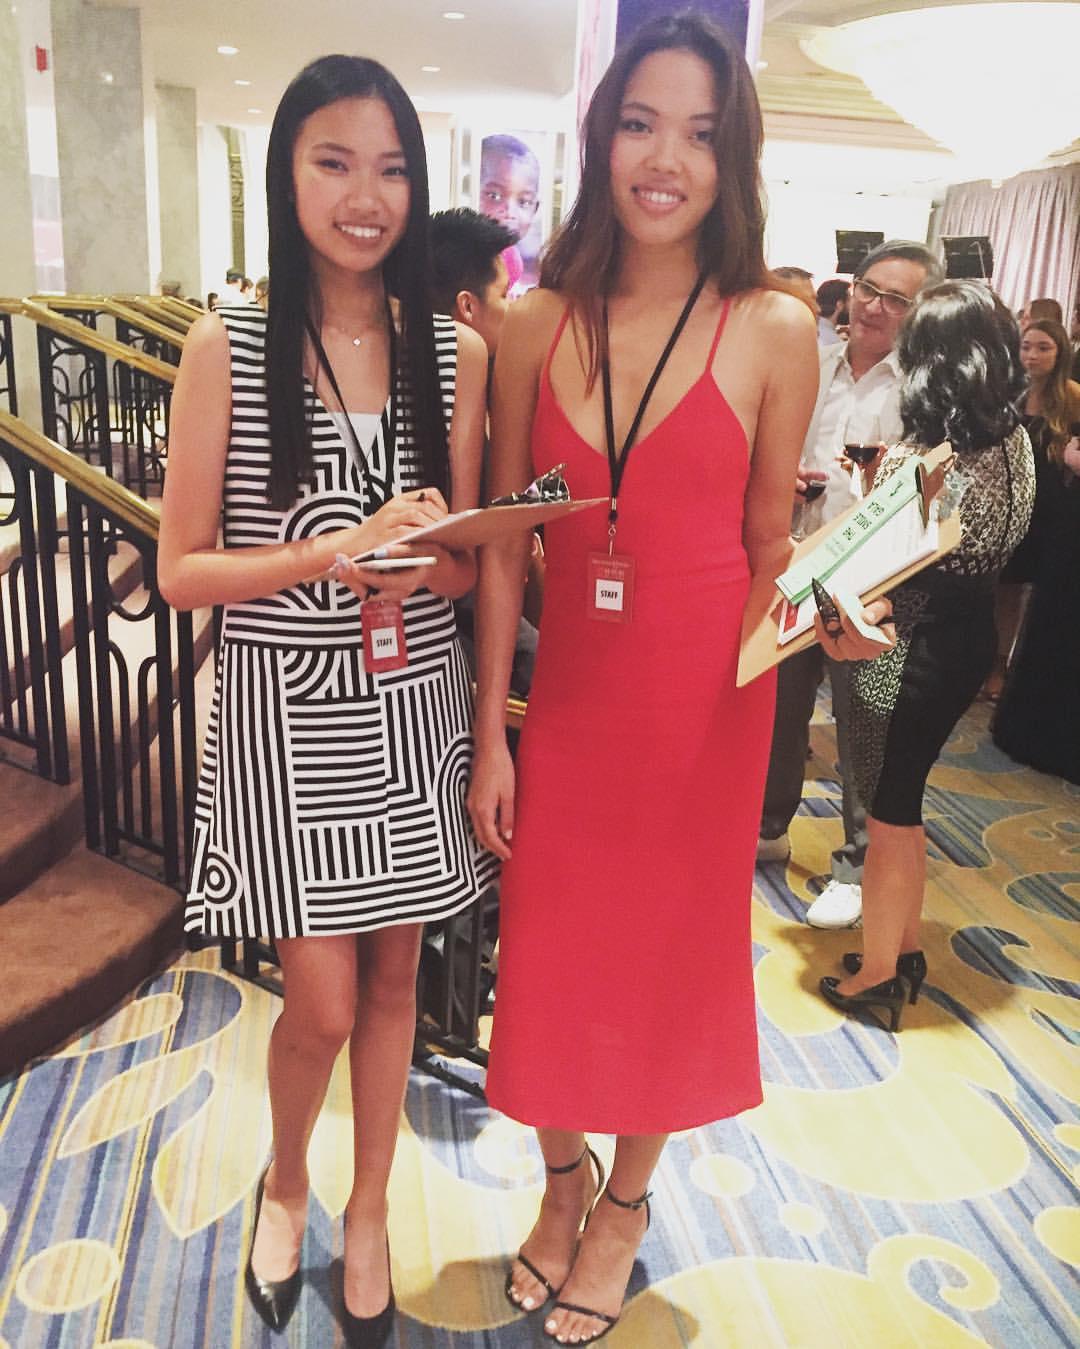 Anais Nguyen, Misha Nguyen